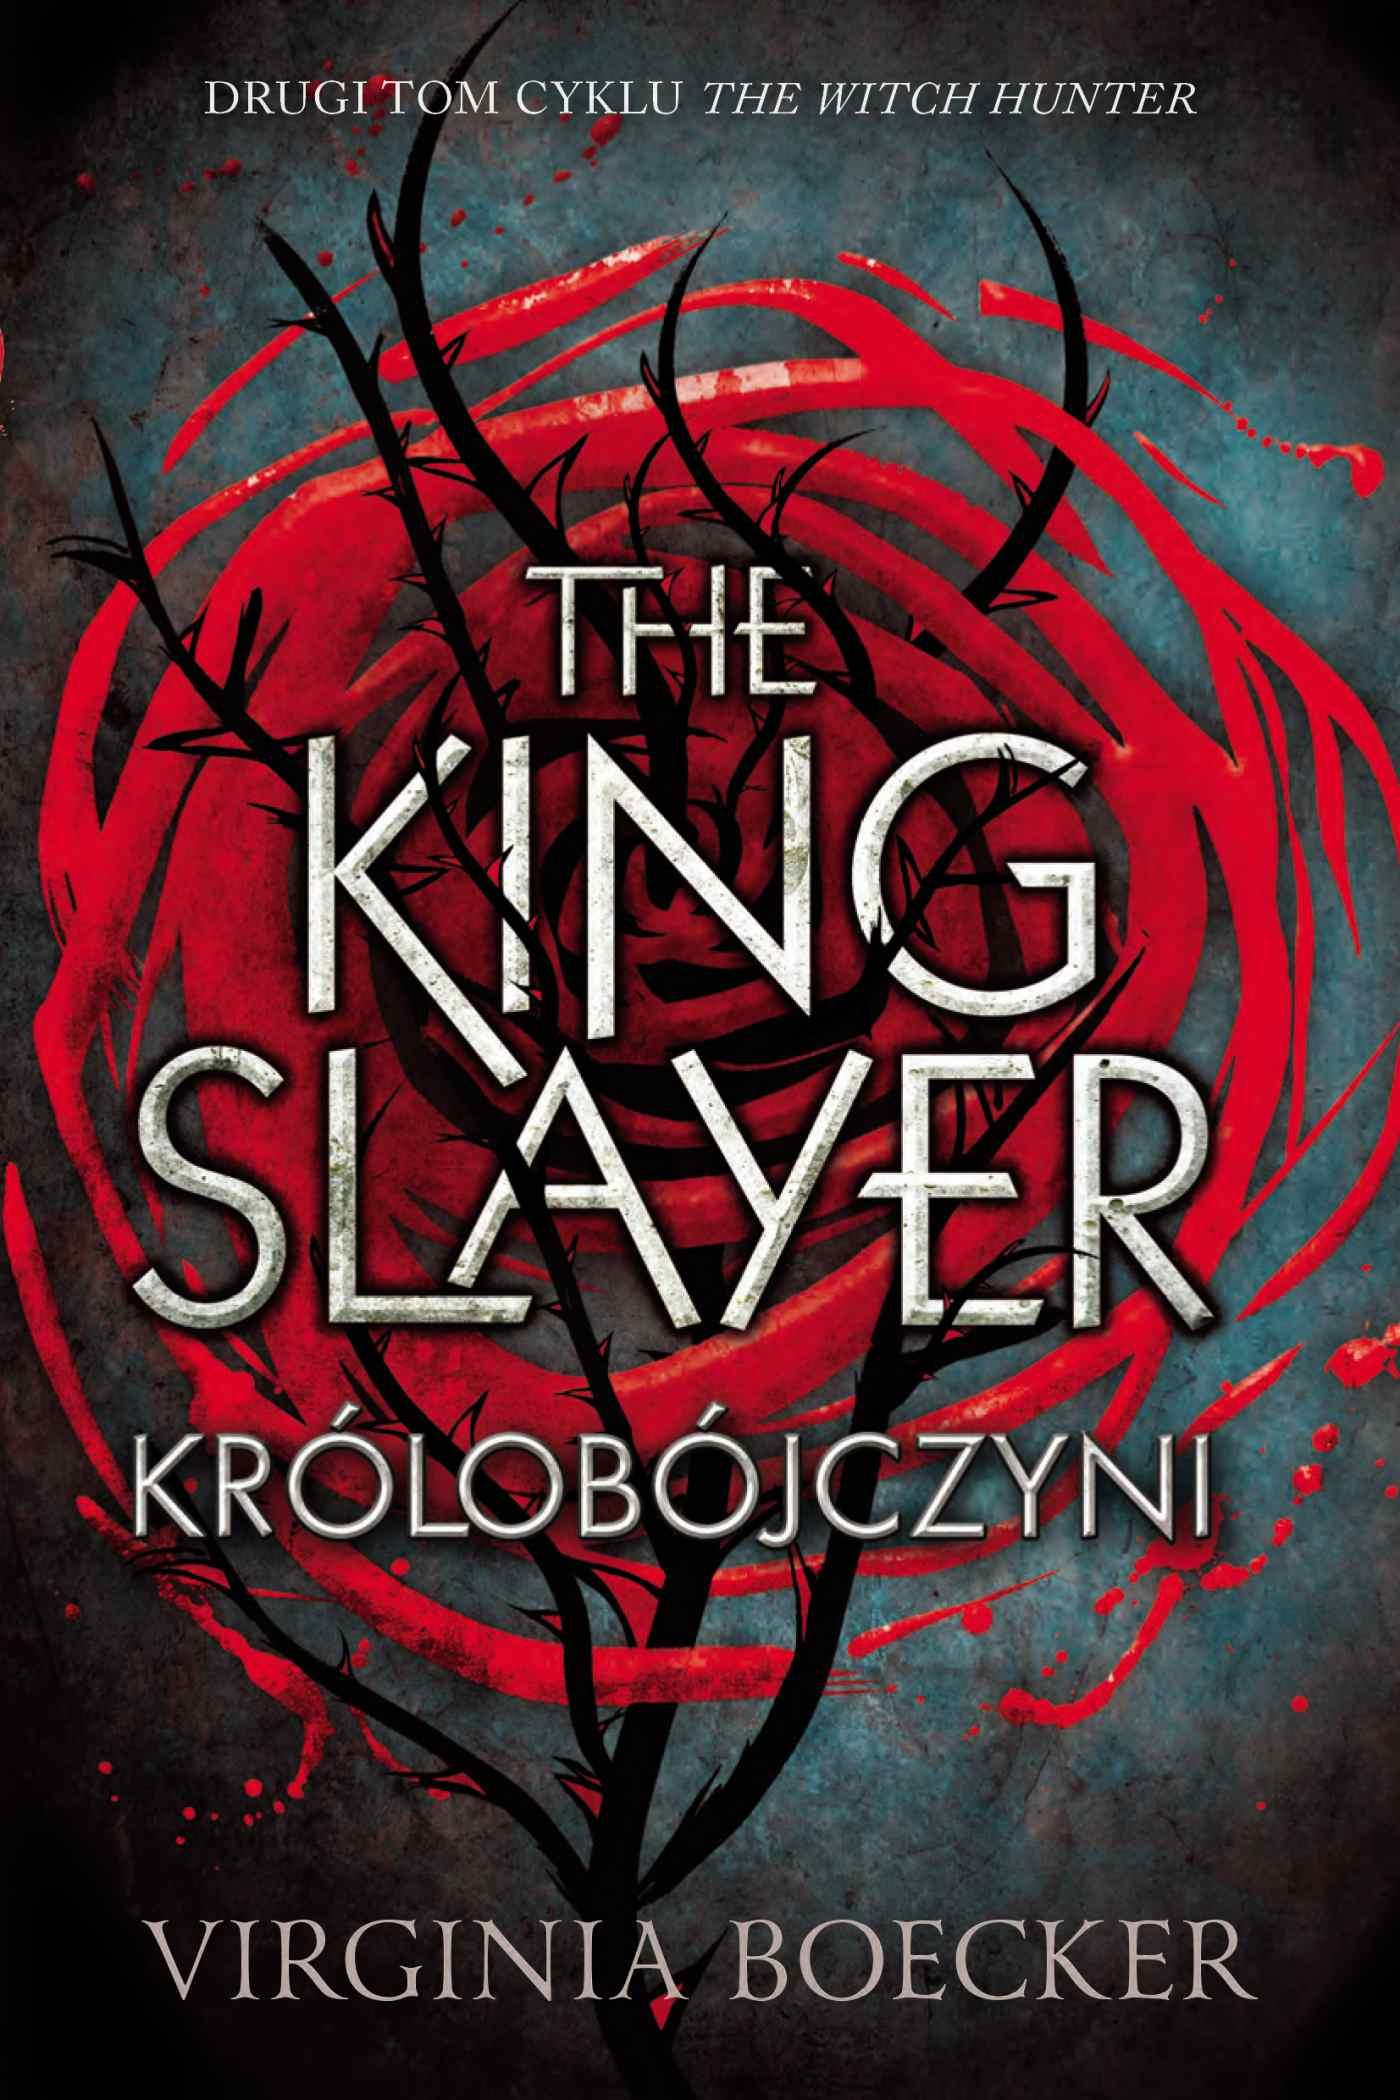 The King Slayer. Królobójczyni - Ebook (Książka na Kindle) do pobrania w formacie MOBI